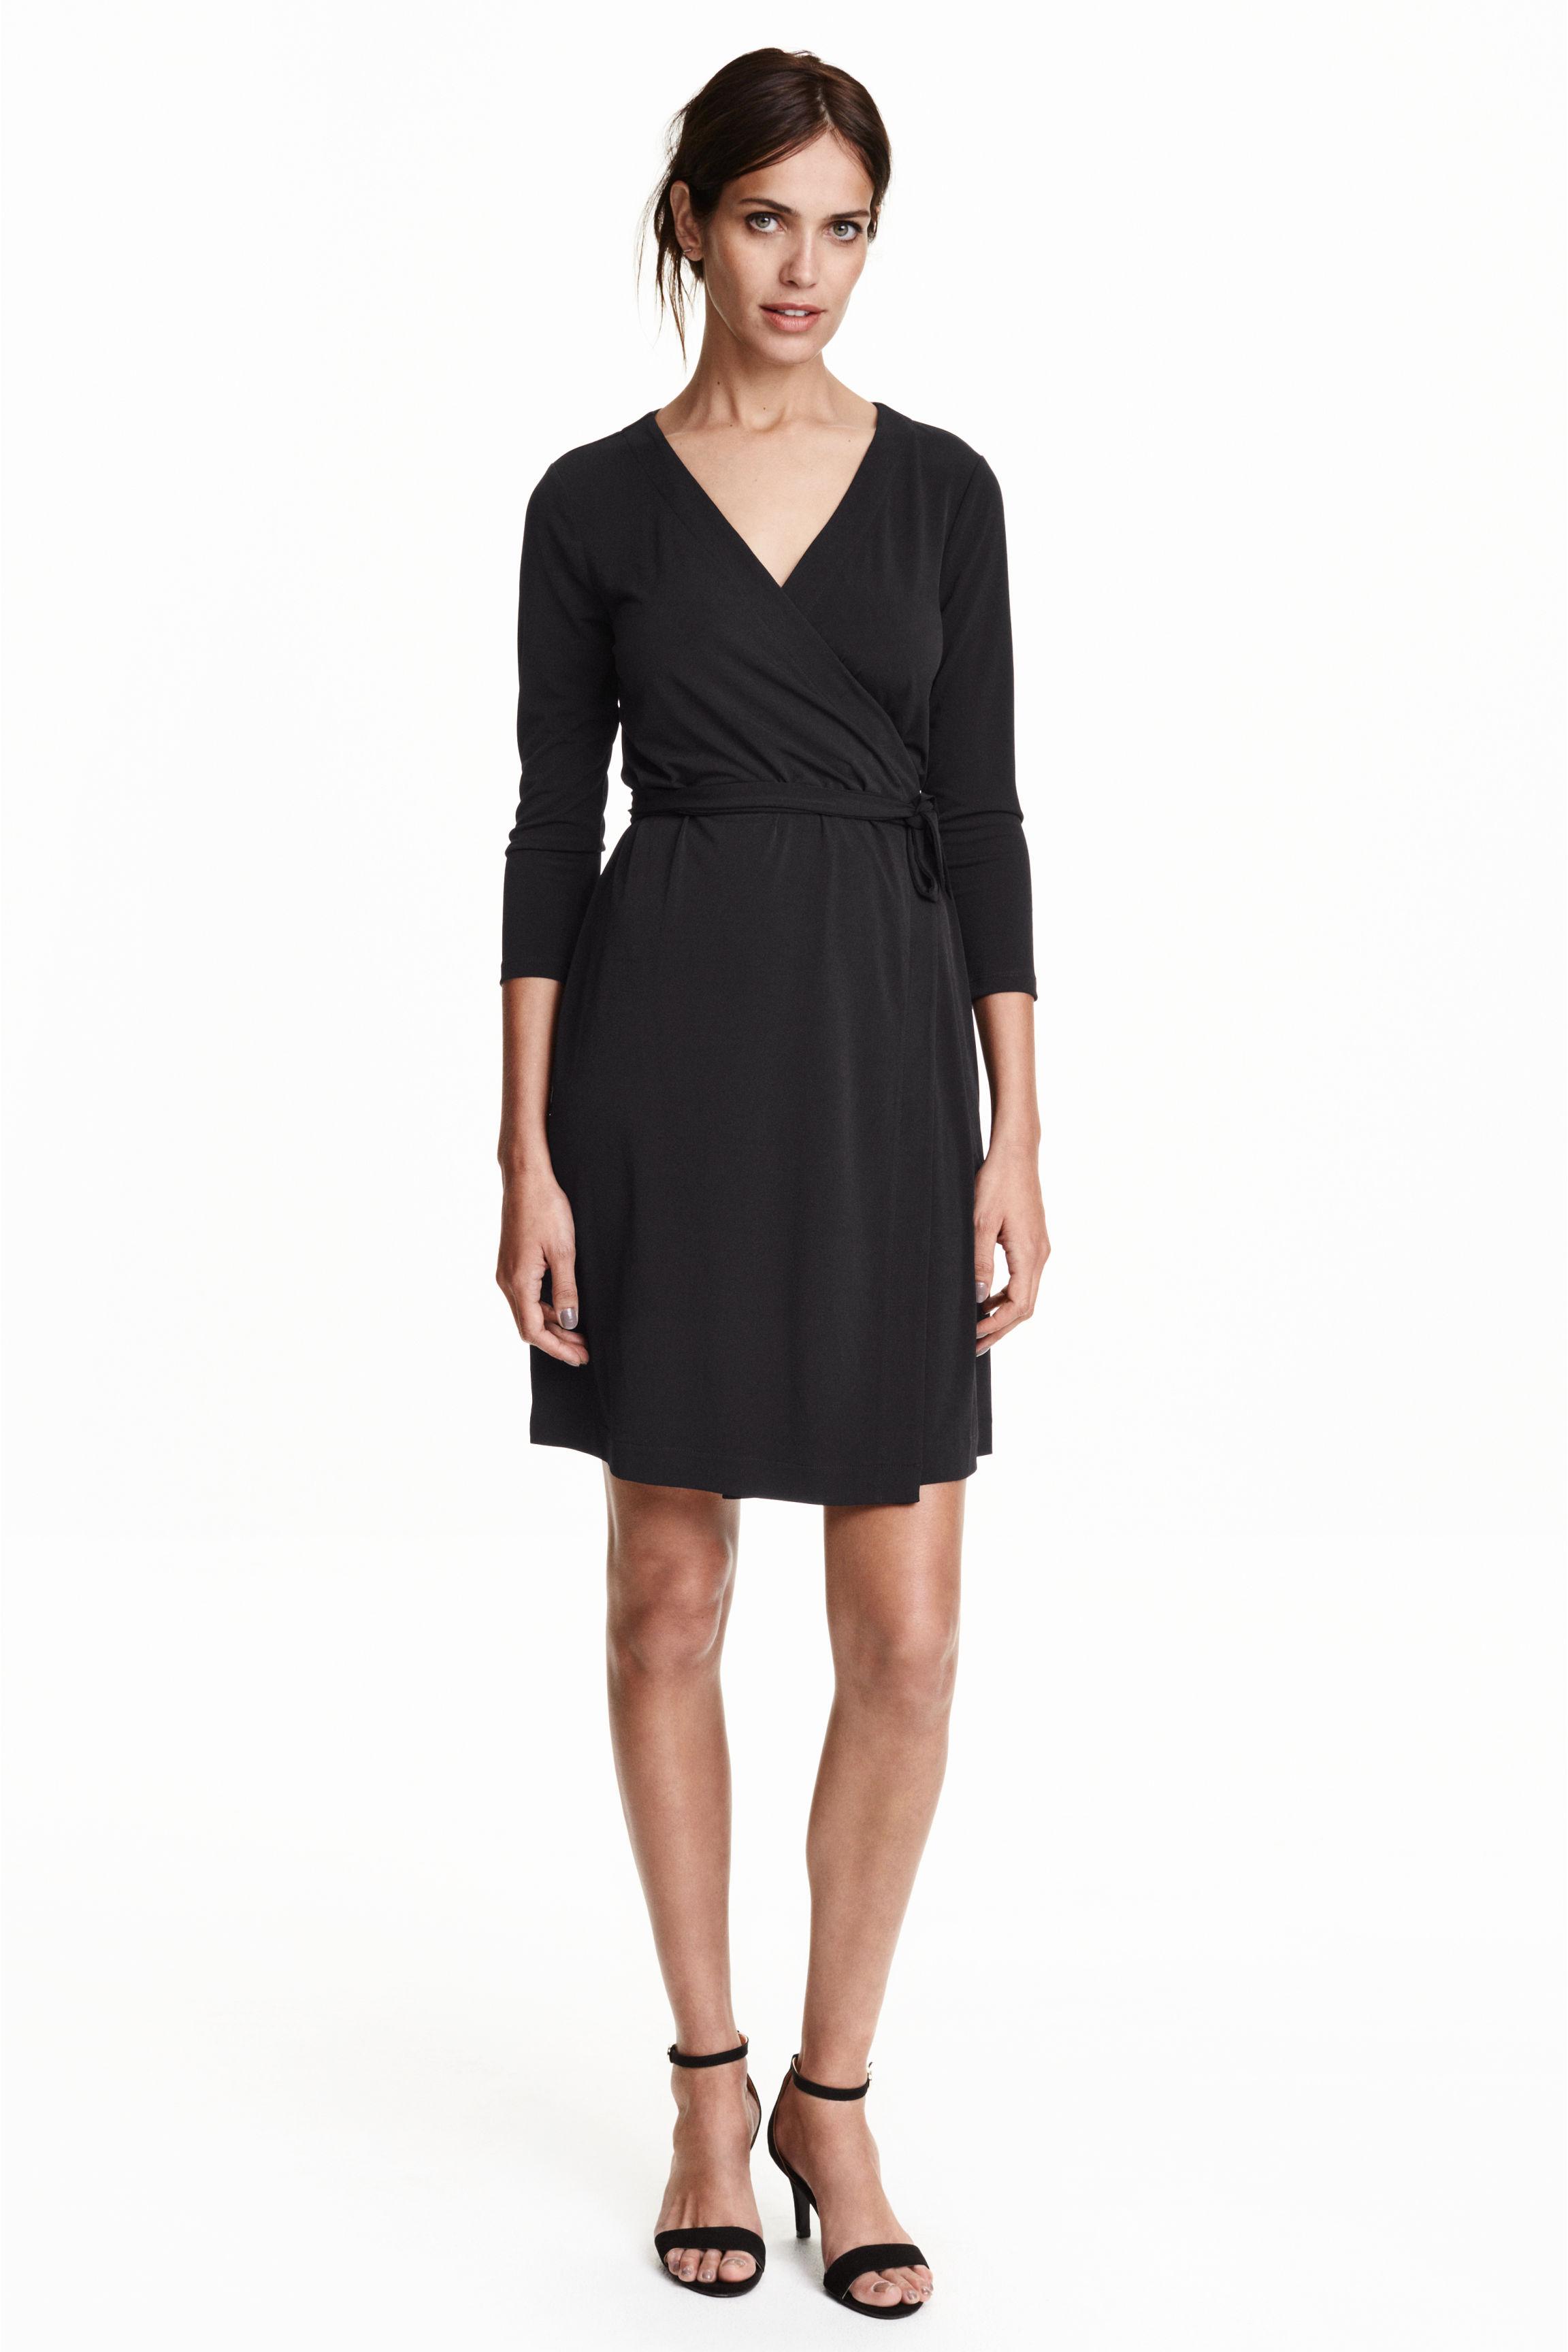 Black dress in h m - Black Dress In H M 17